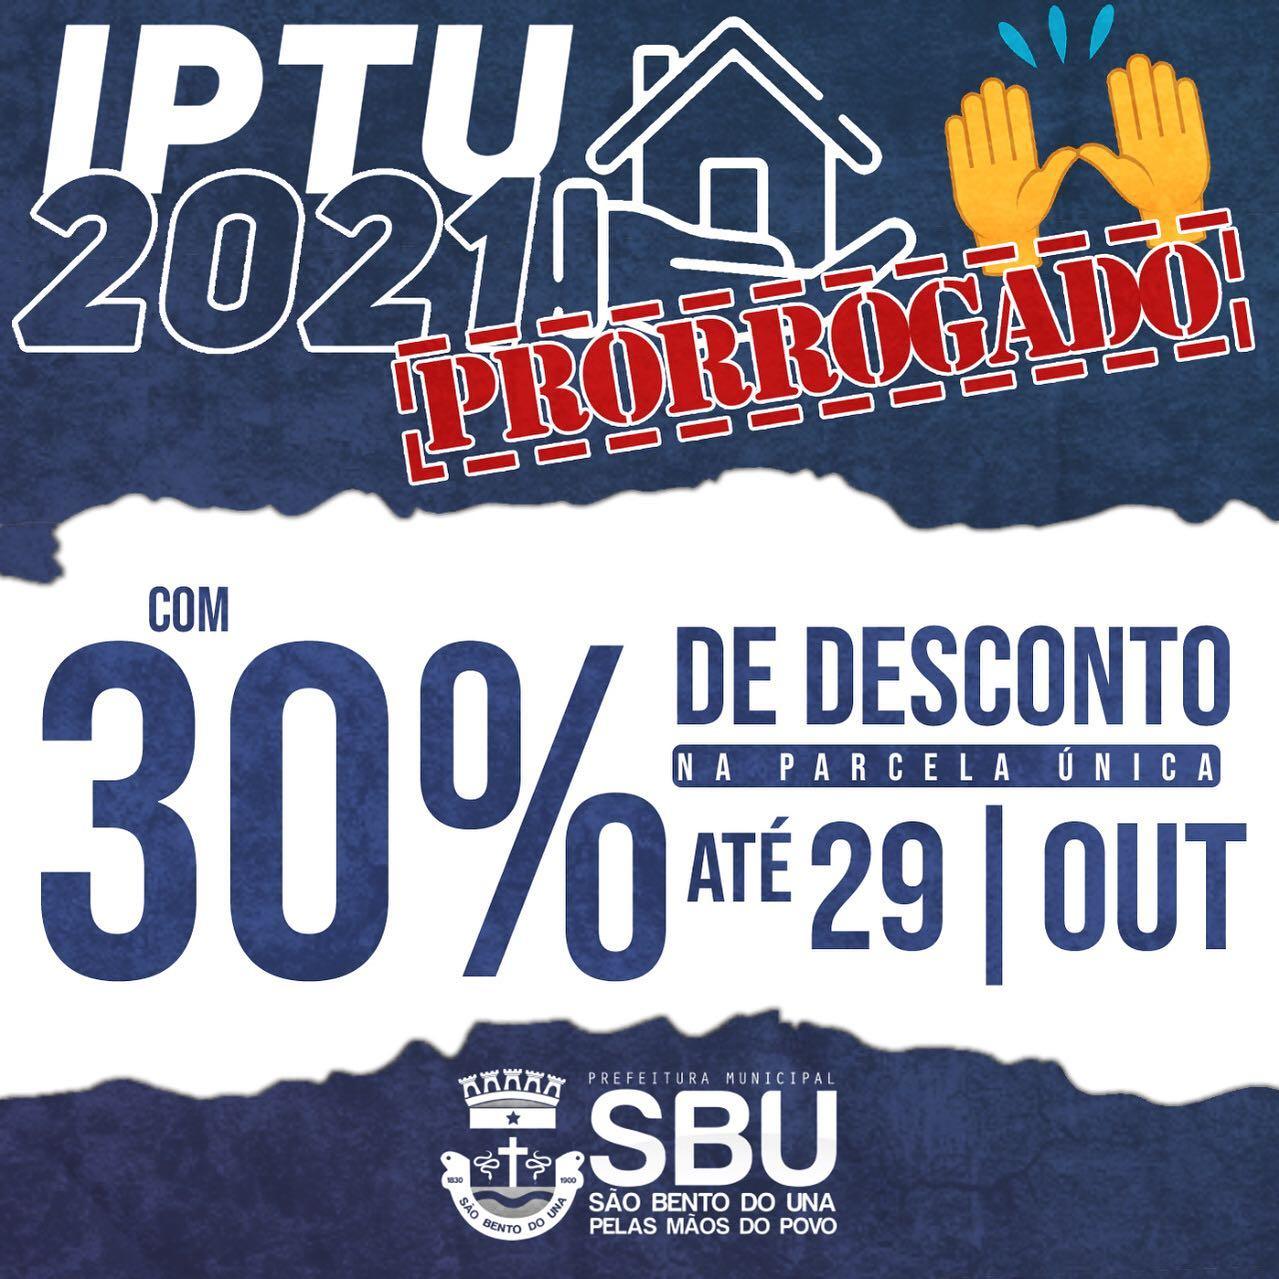 IPTU 2021 com desconto de 30% (Prorrogado)